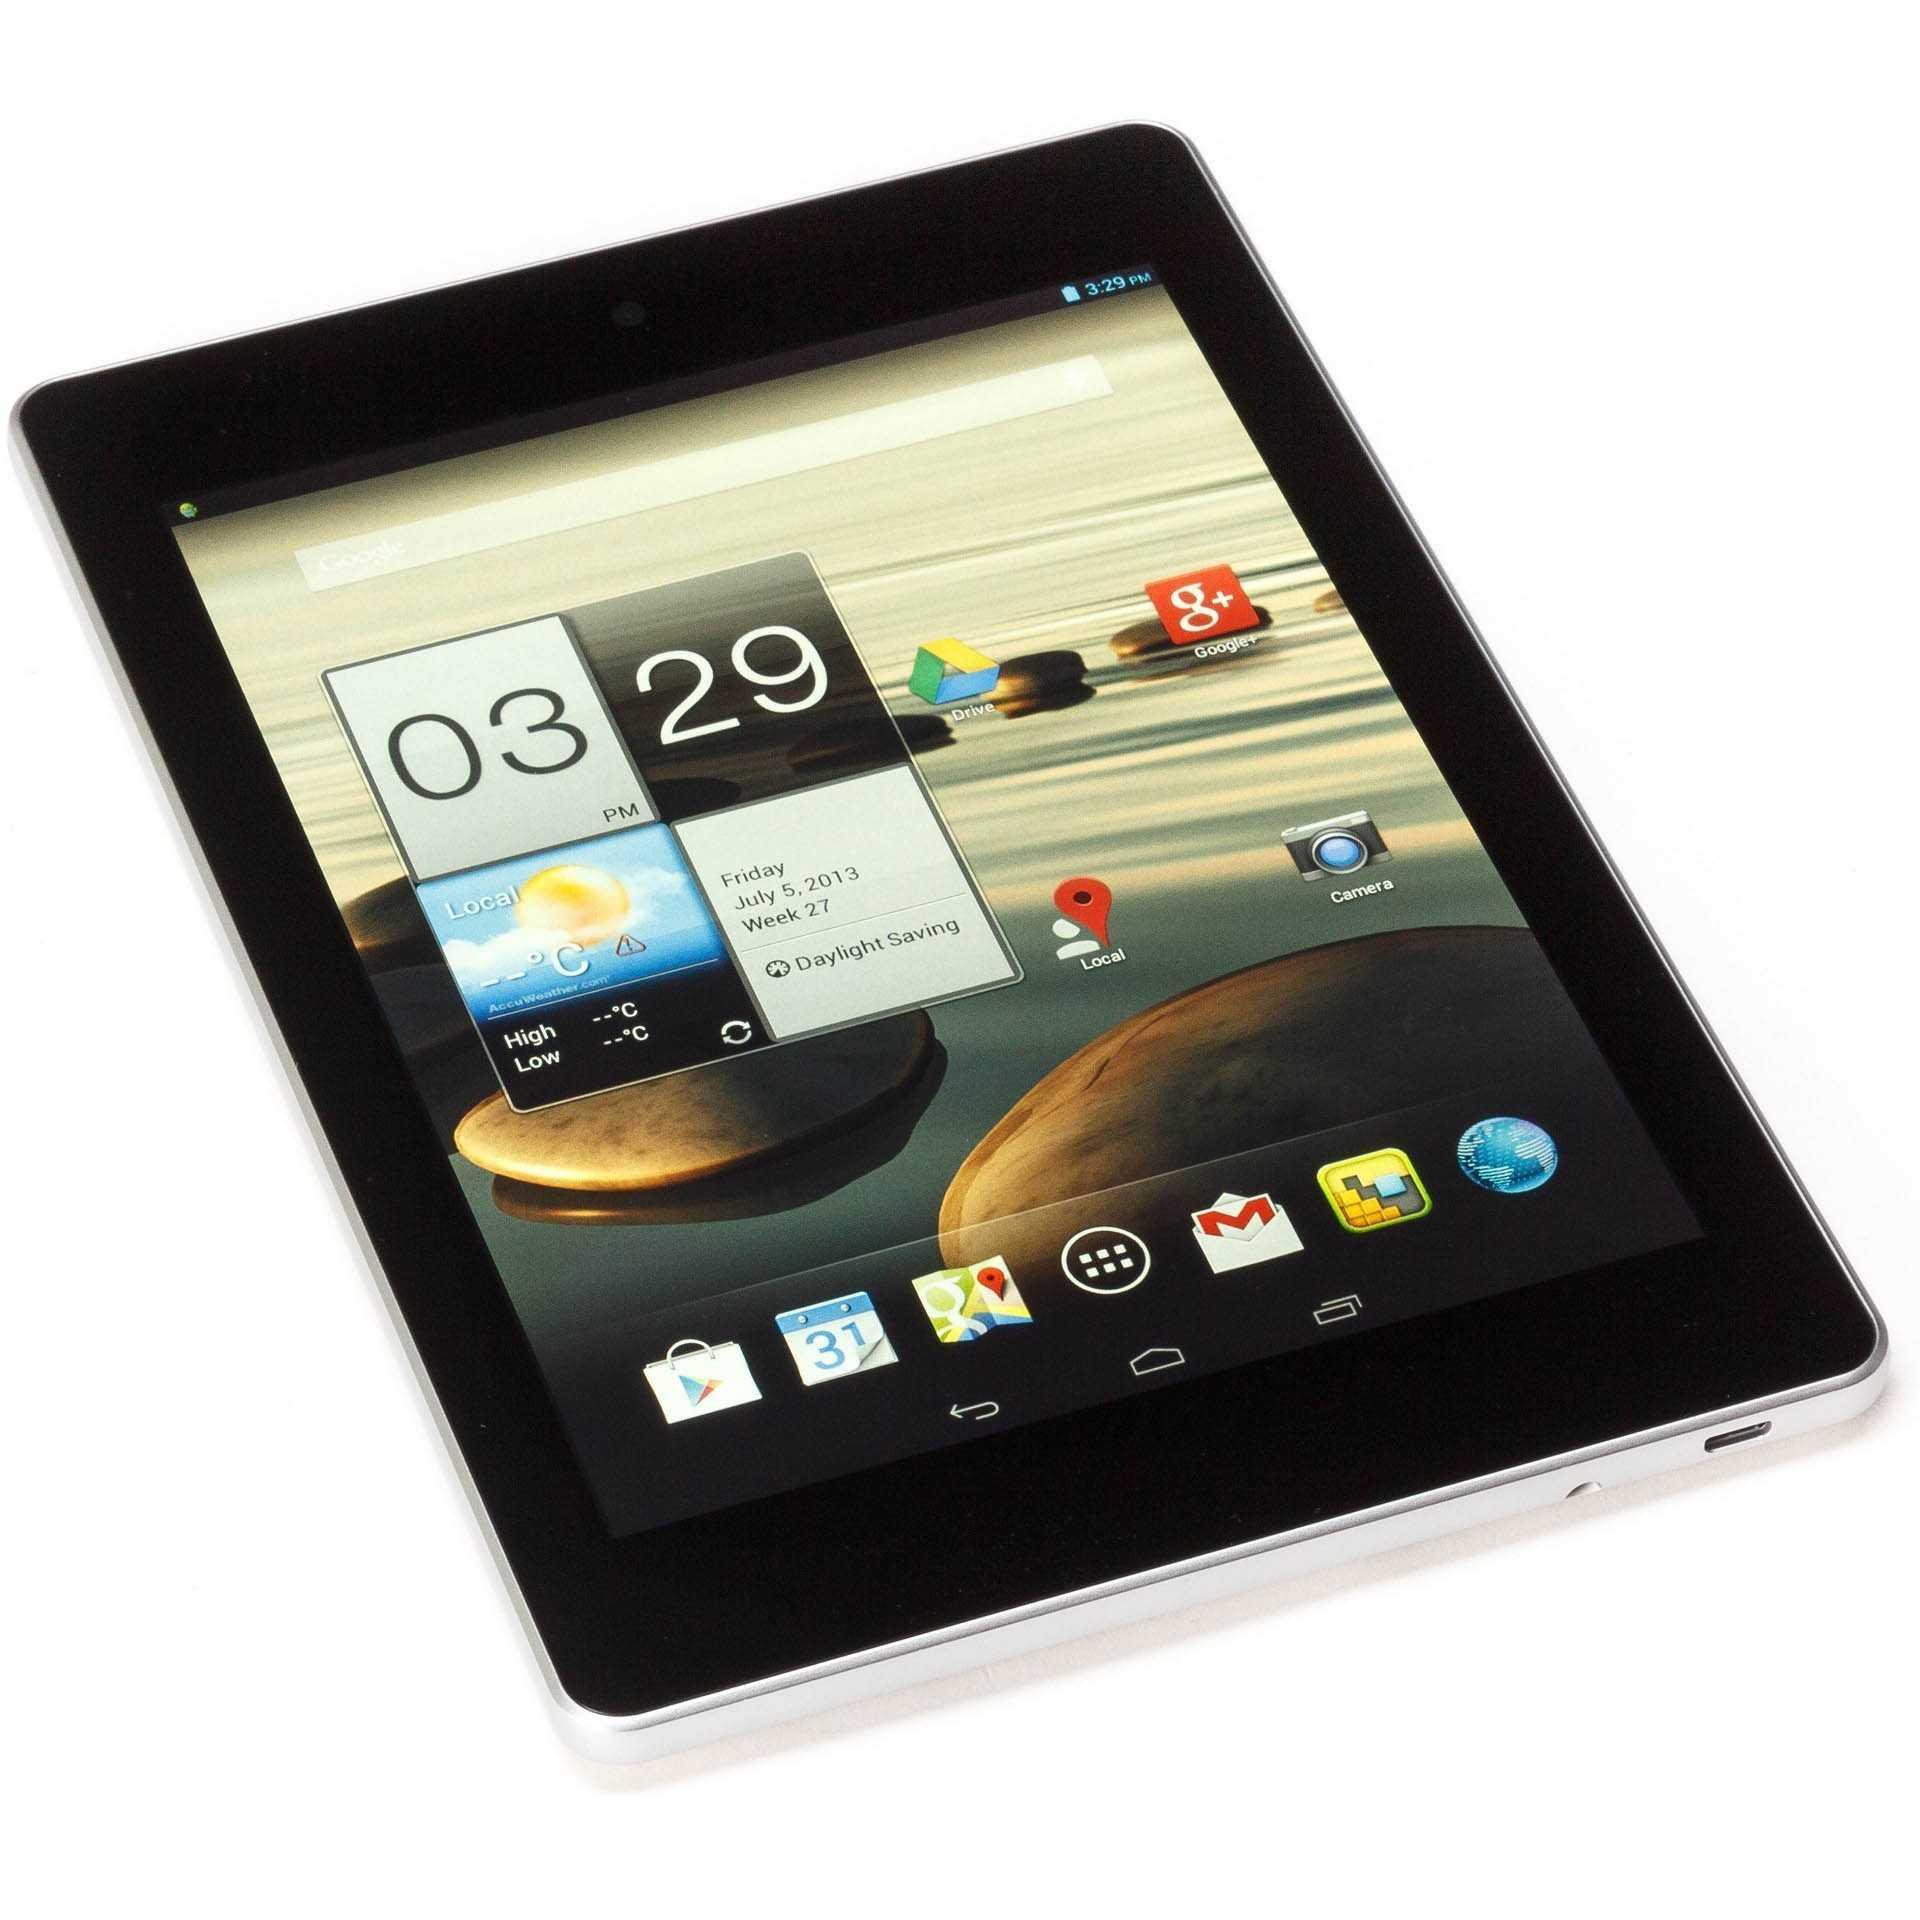 Смартфон acer iconia smart s300 black — купить, цена и характеристики, отзывы